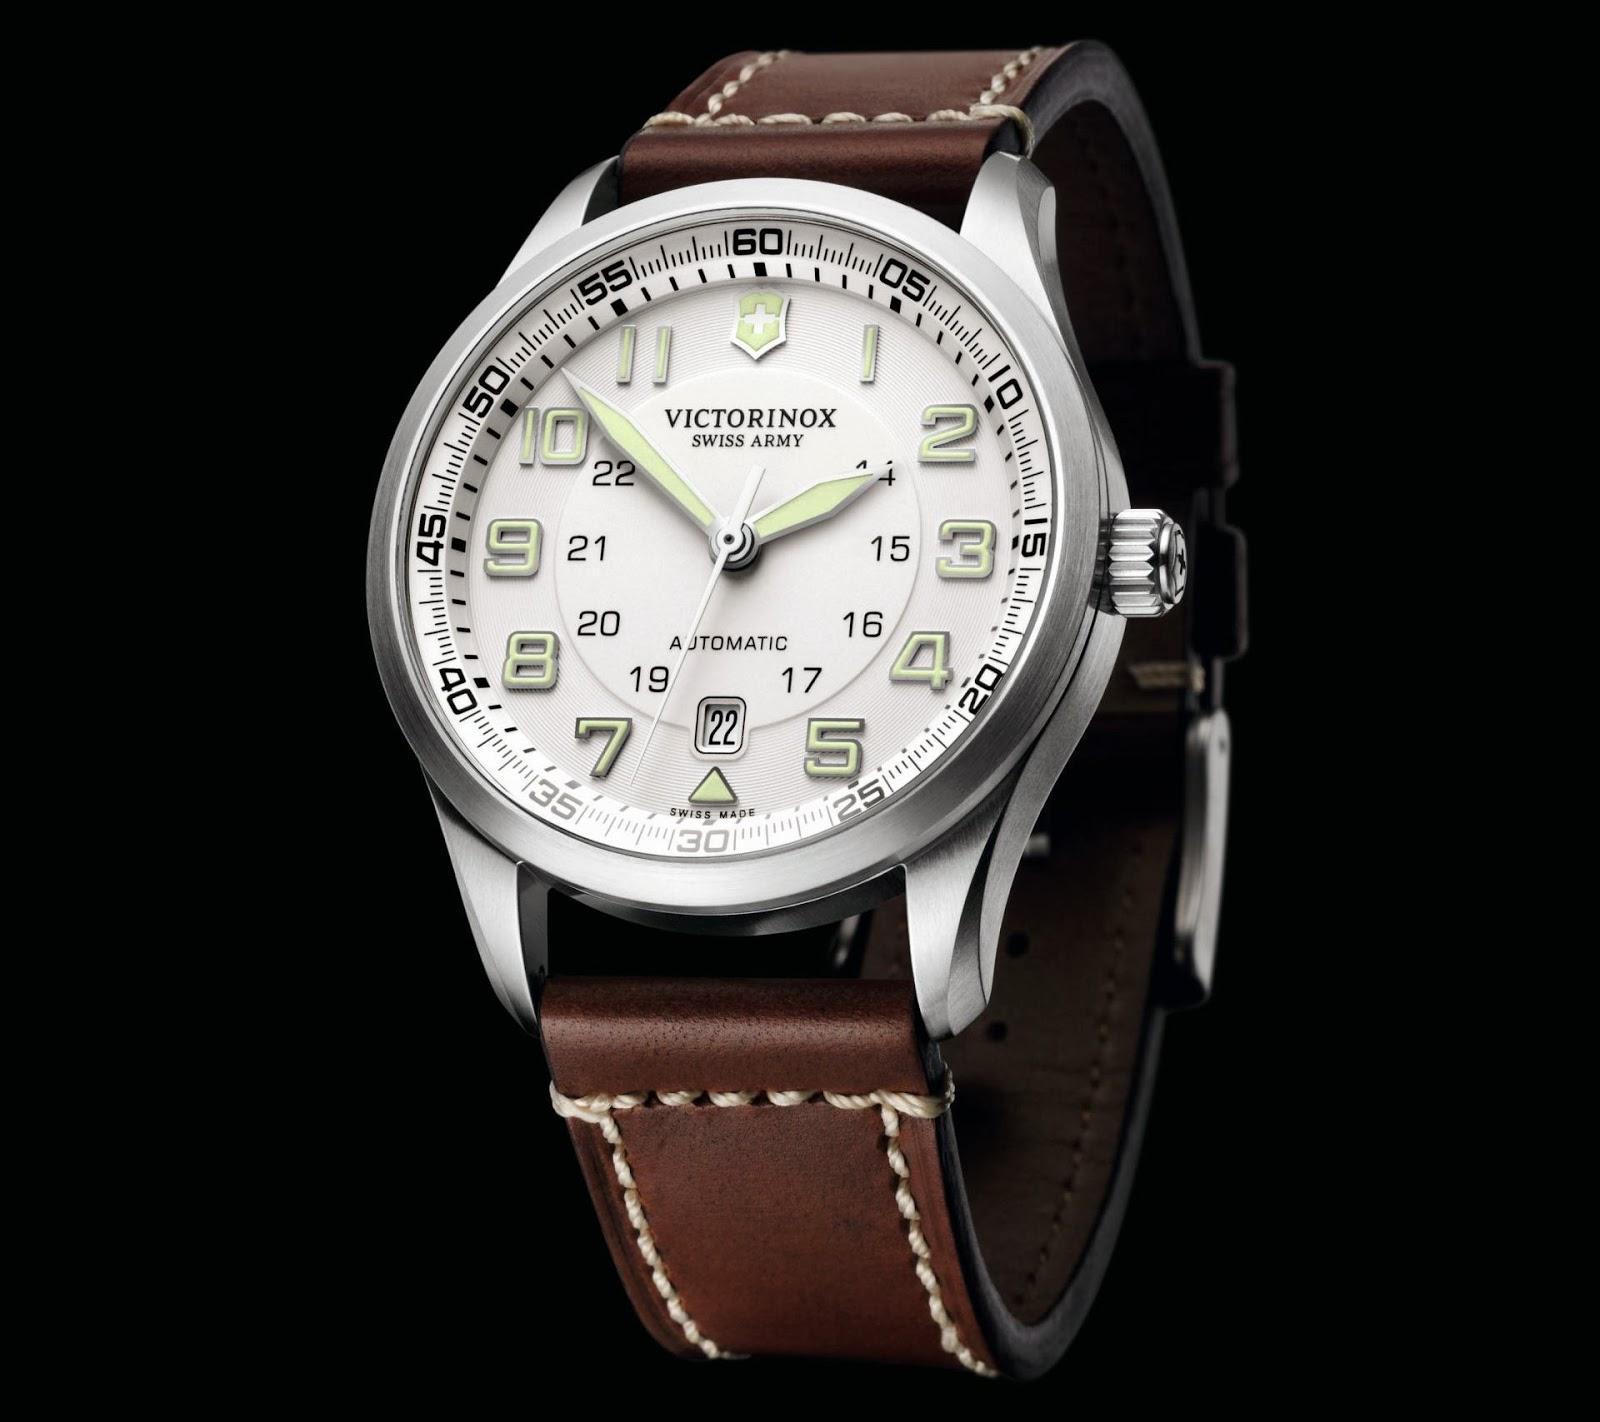 Chanel klockor,Rolex Oyster klockor: Victorinox Schweizer Armee ...